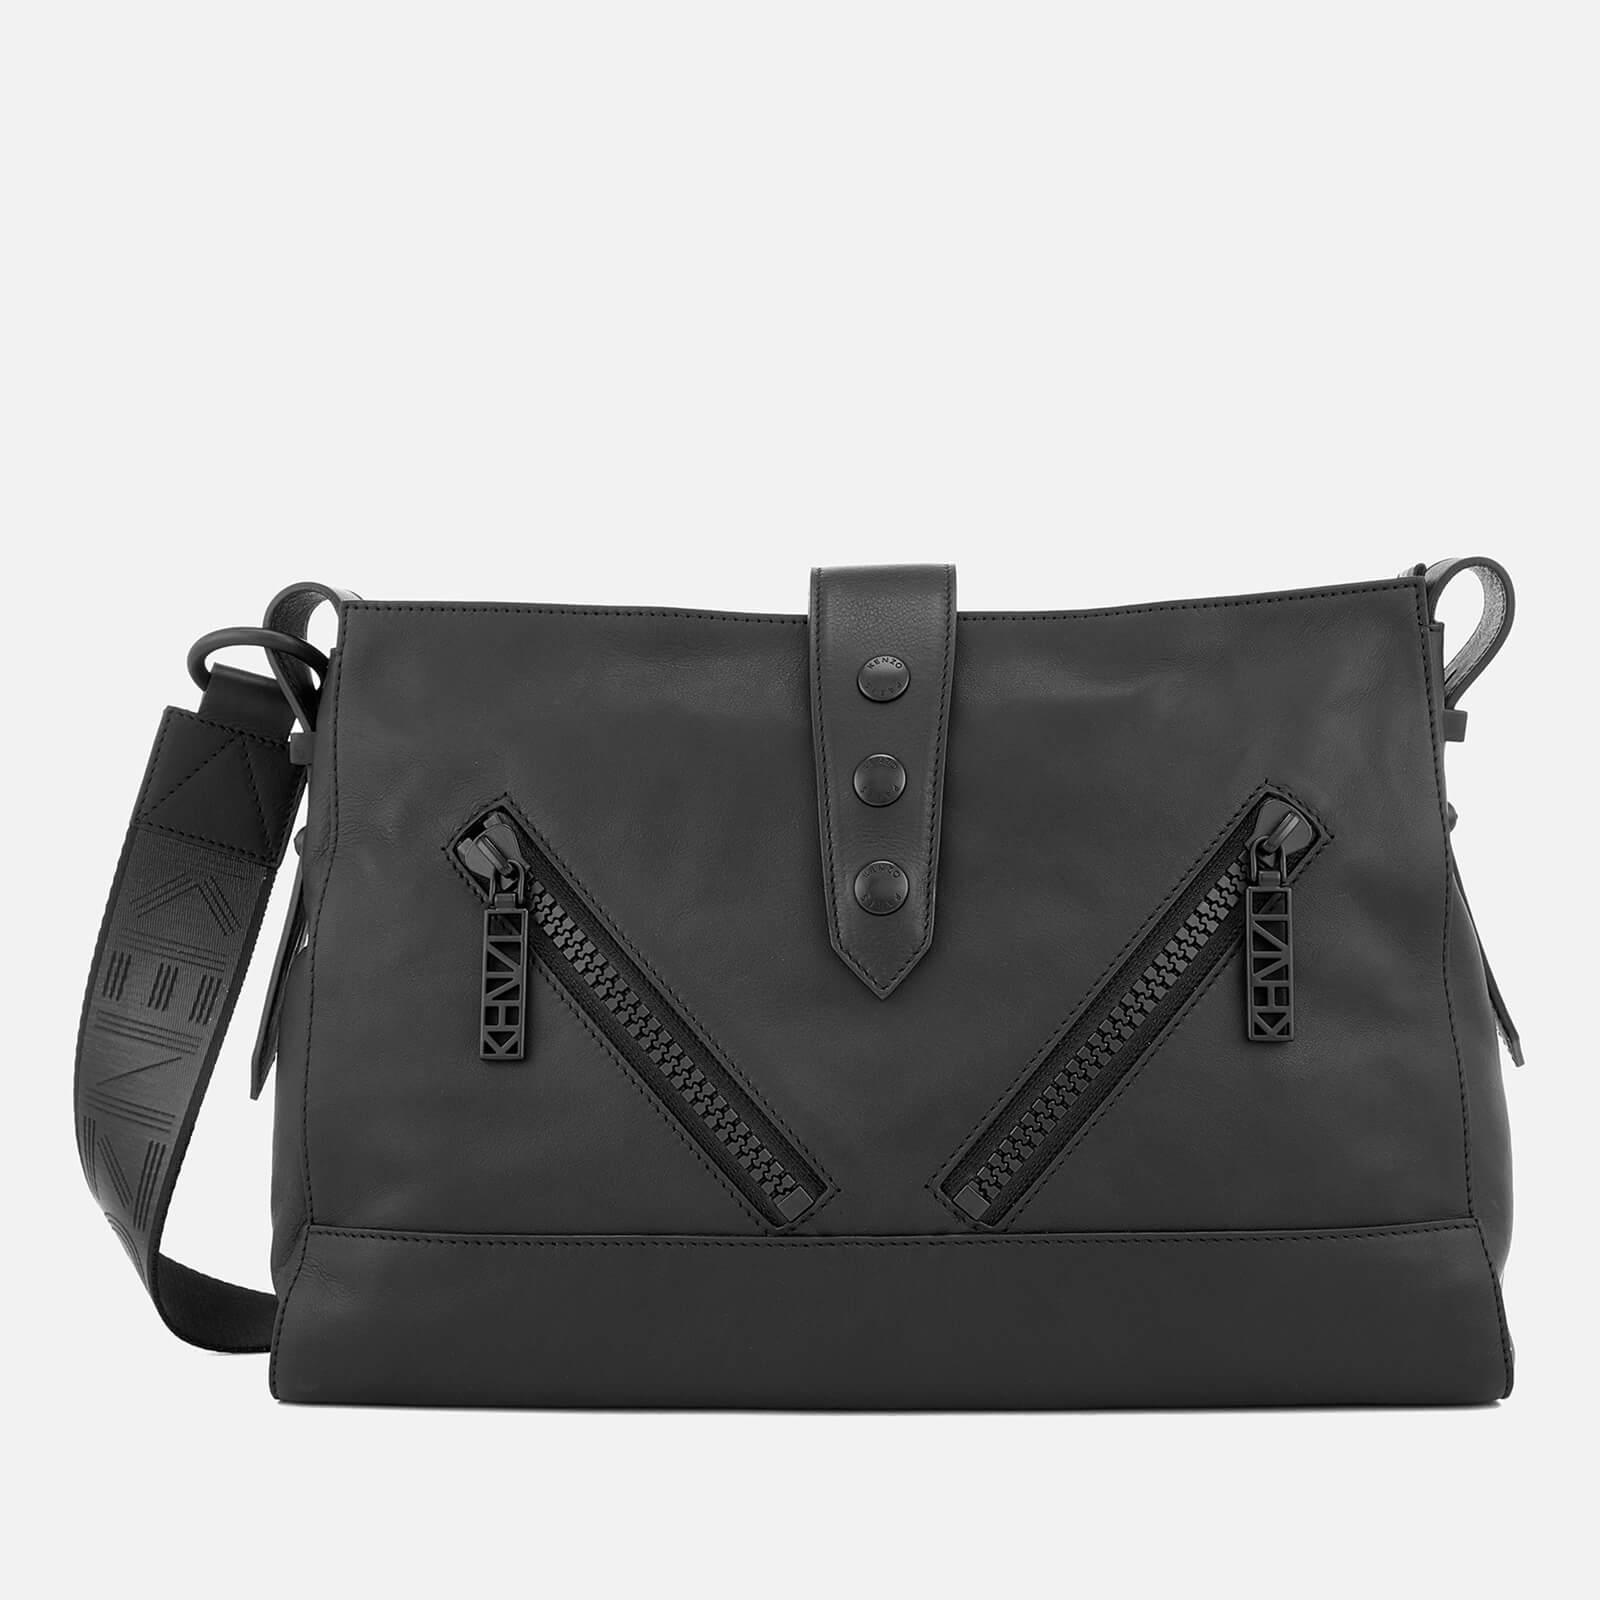 09cb7970 KENZO Women's Kalifornia Large Shoulder Bag - Black - Free UK Delivery over  £50